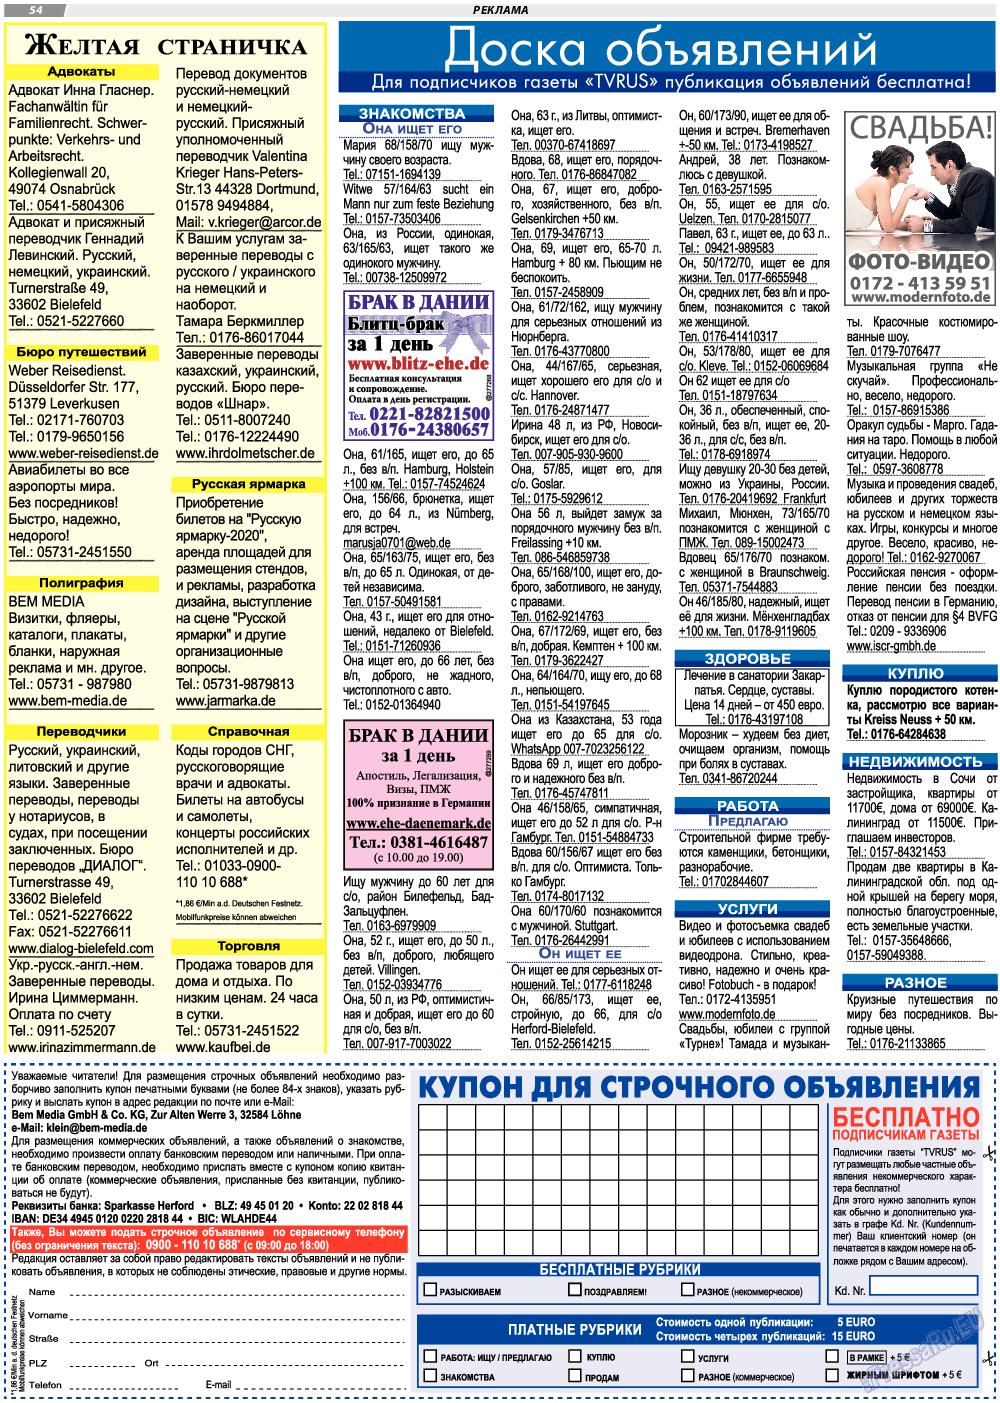 TVrus (газета). 2020 год, номер 13, стр. 54